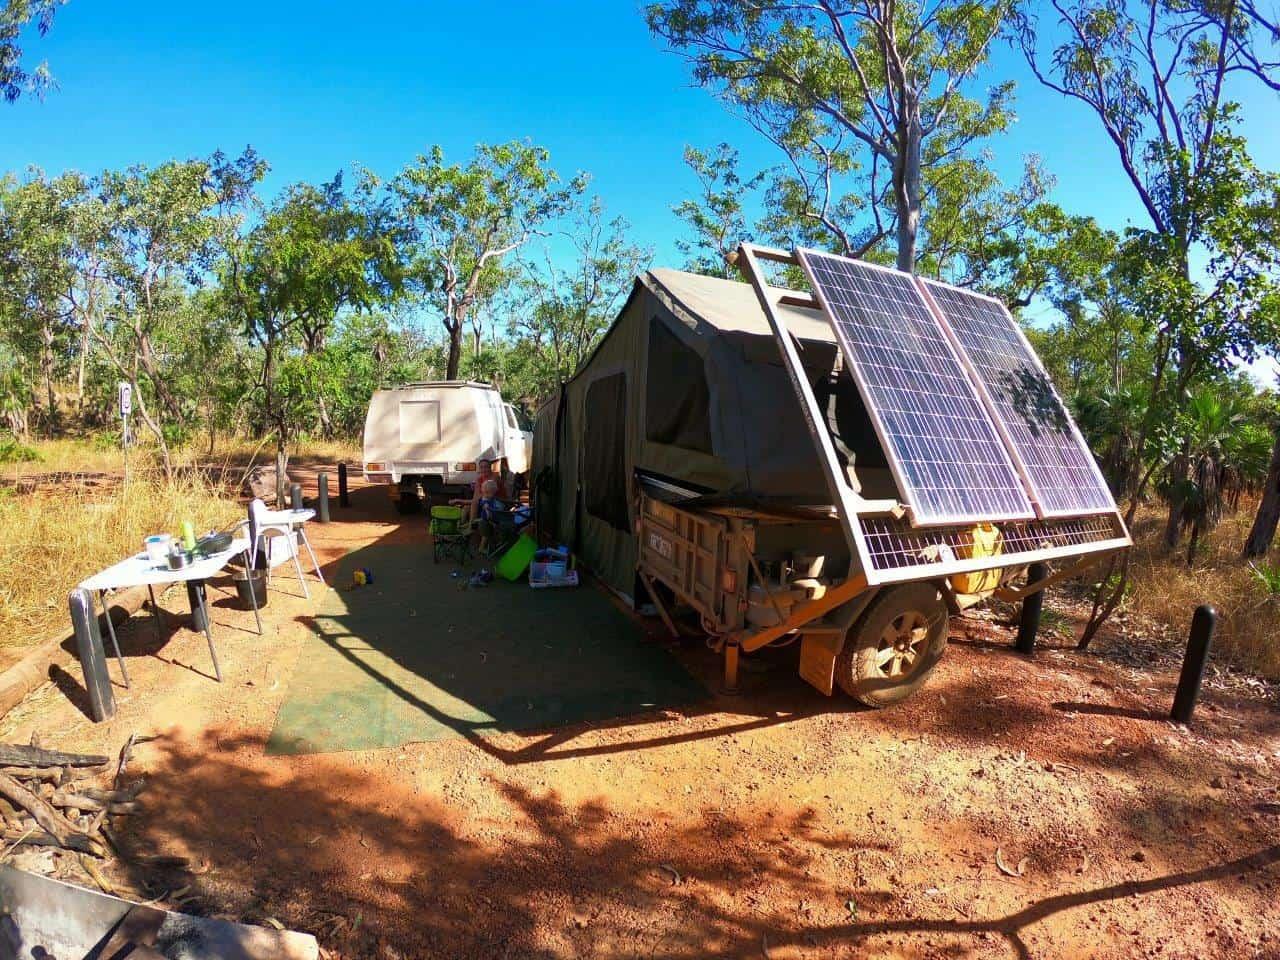 Caravan camping setup